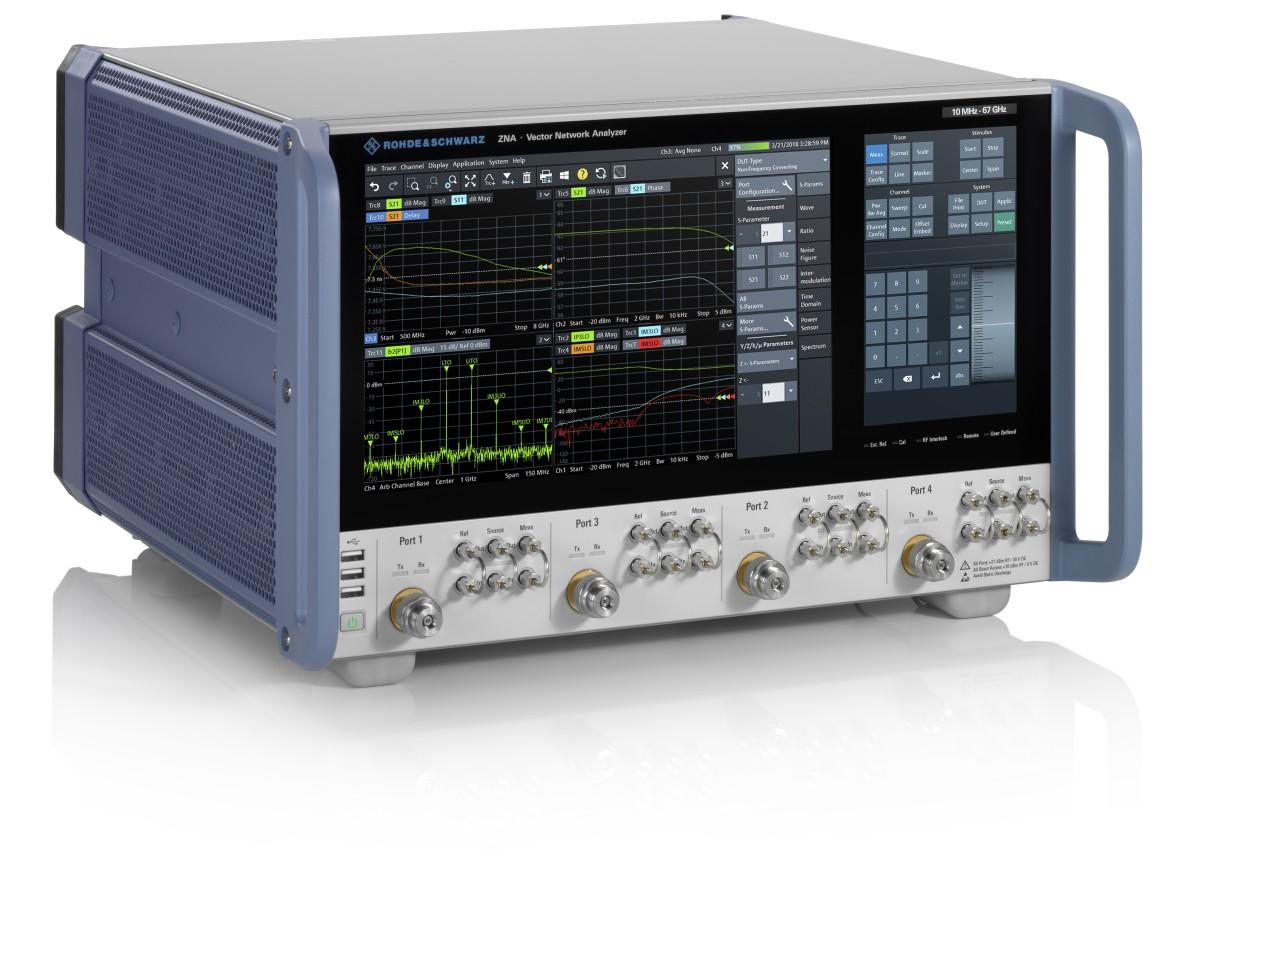 R&S®ZNA-50/67 расширение рабочего диапазона частот до 50 и 67 ГГц